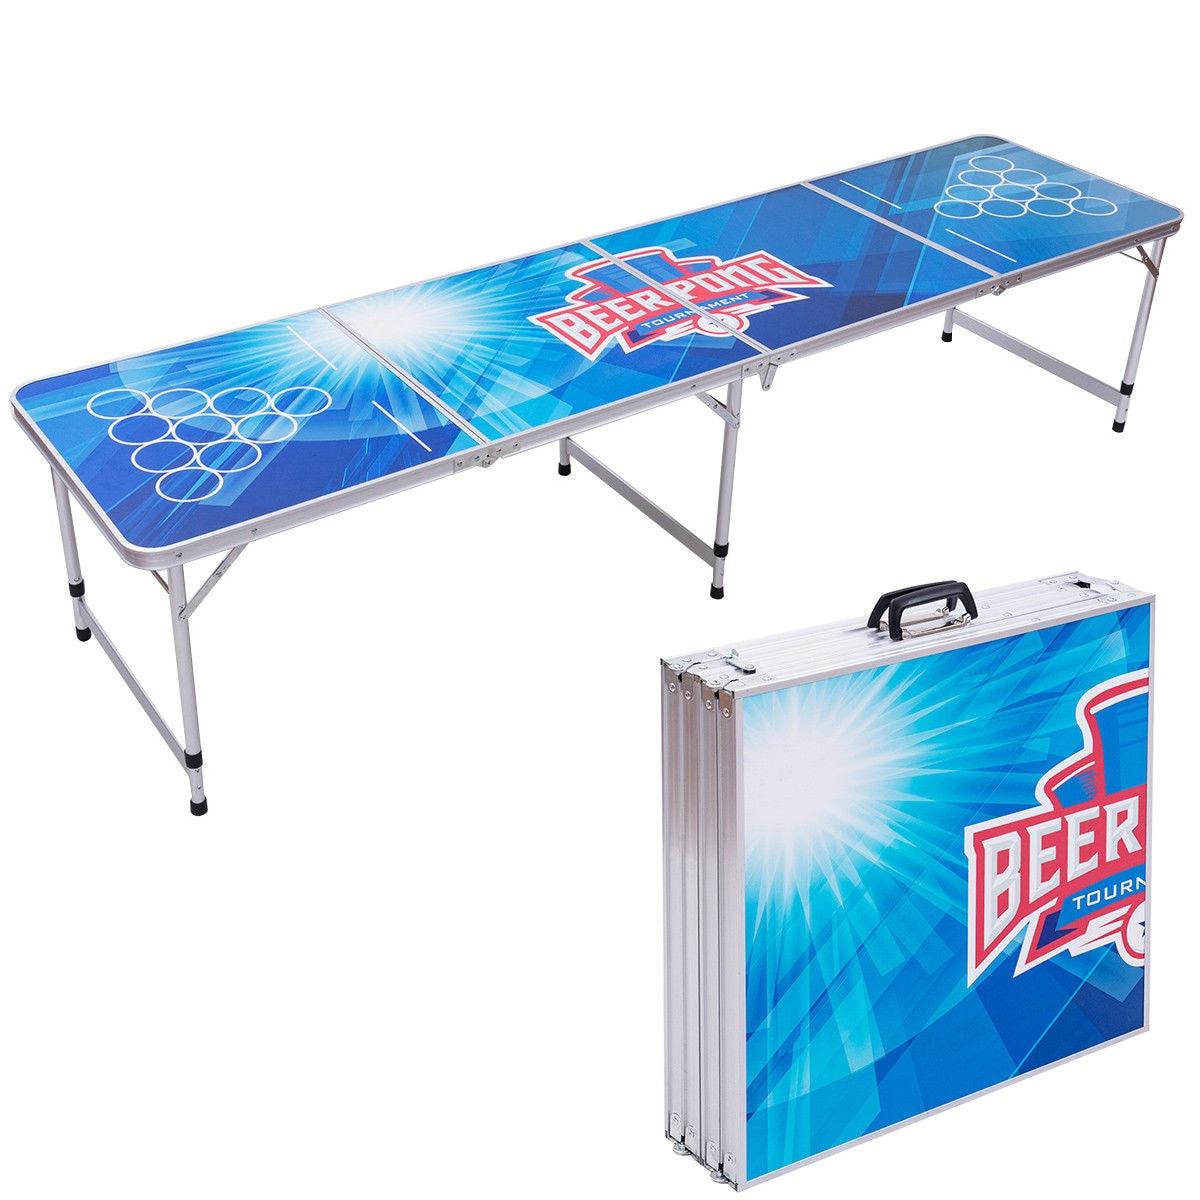 Giantex 8FT Portable pliante bière Pong Table partie jeu pique-nique Camping bureau moderne intérieur extérieur meubles OP3336